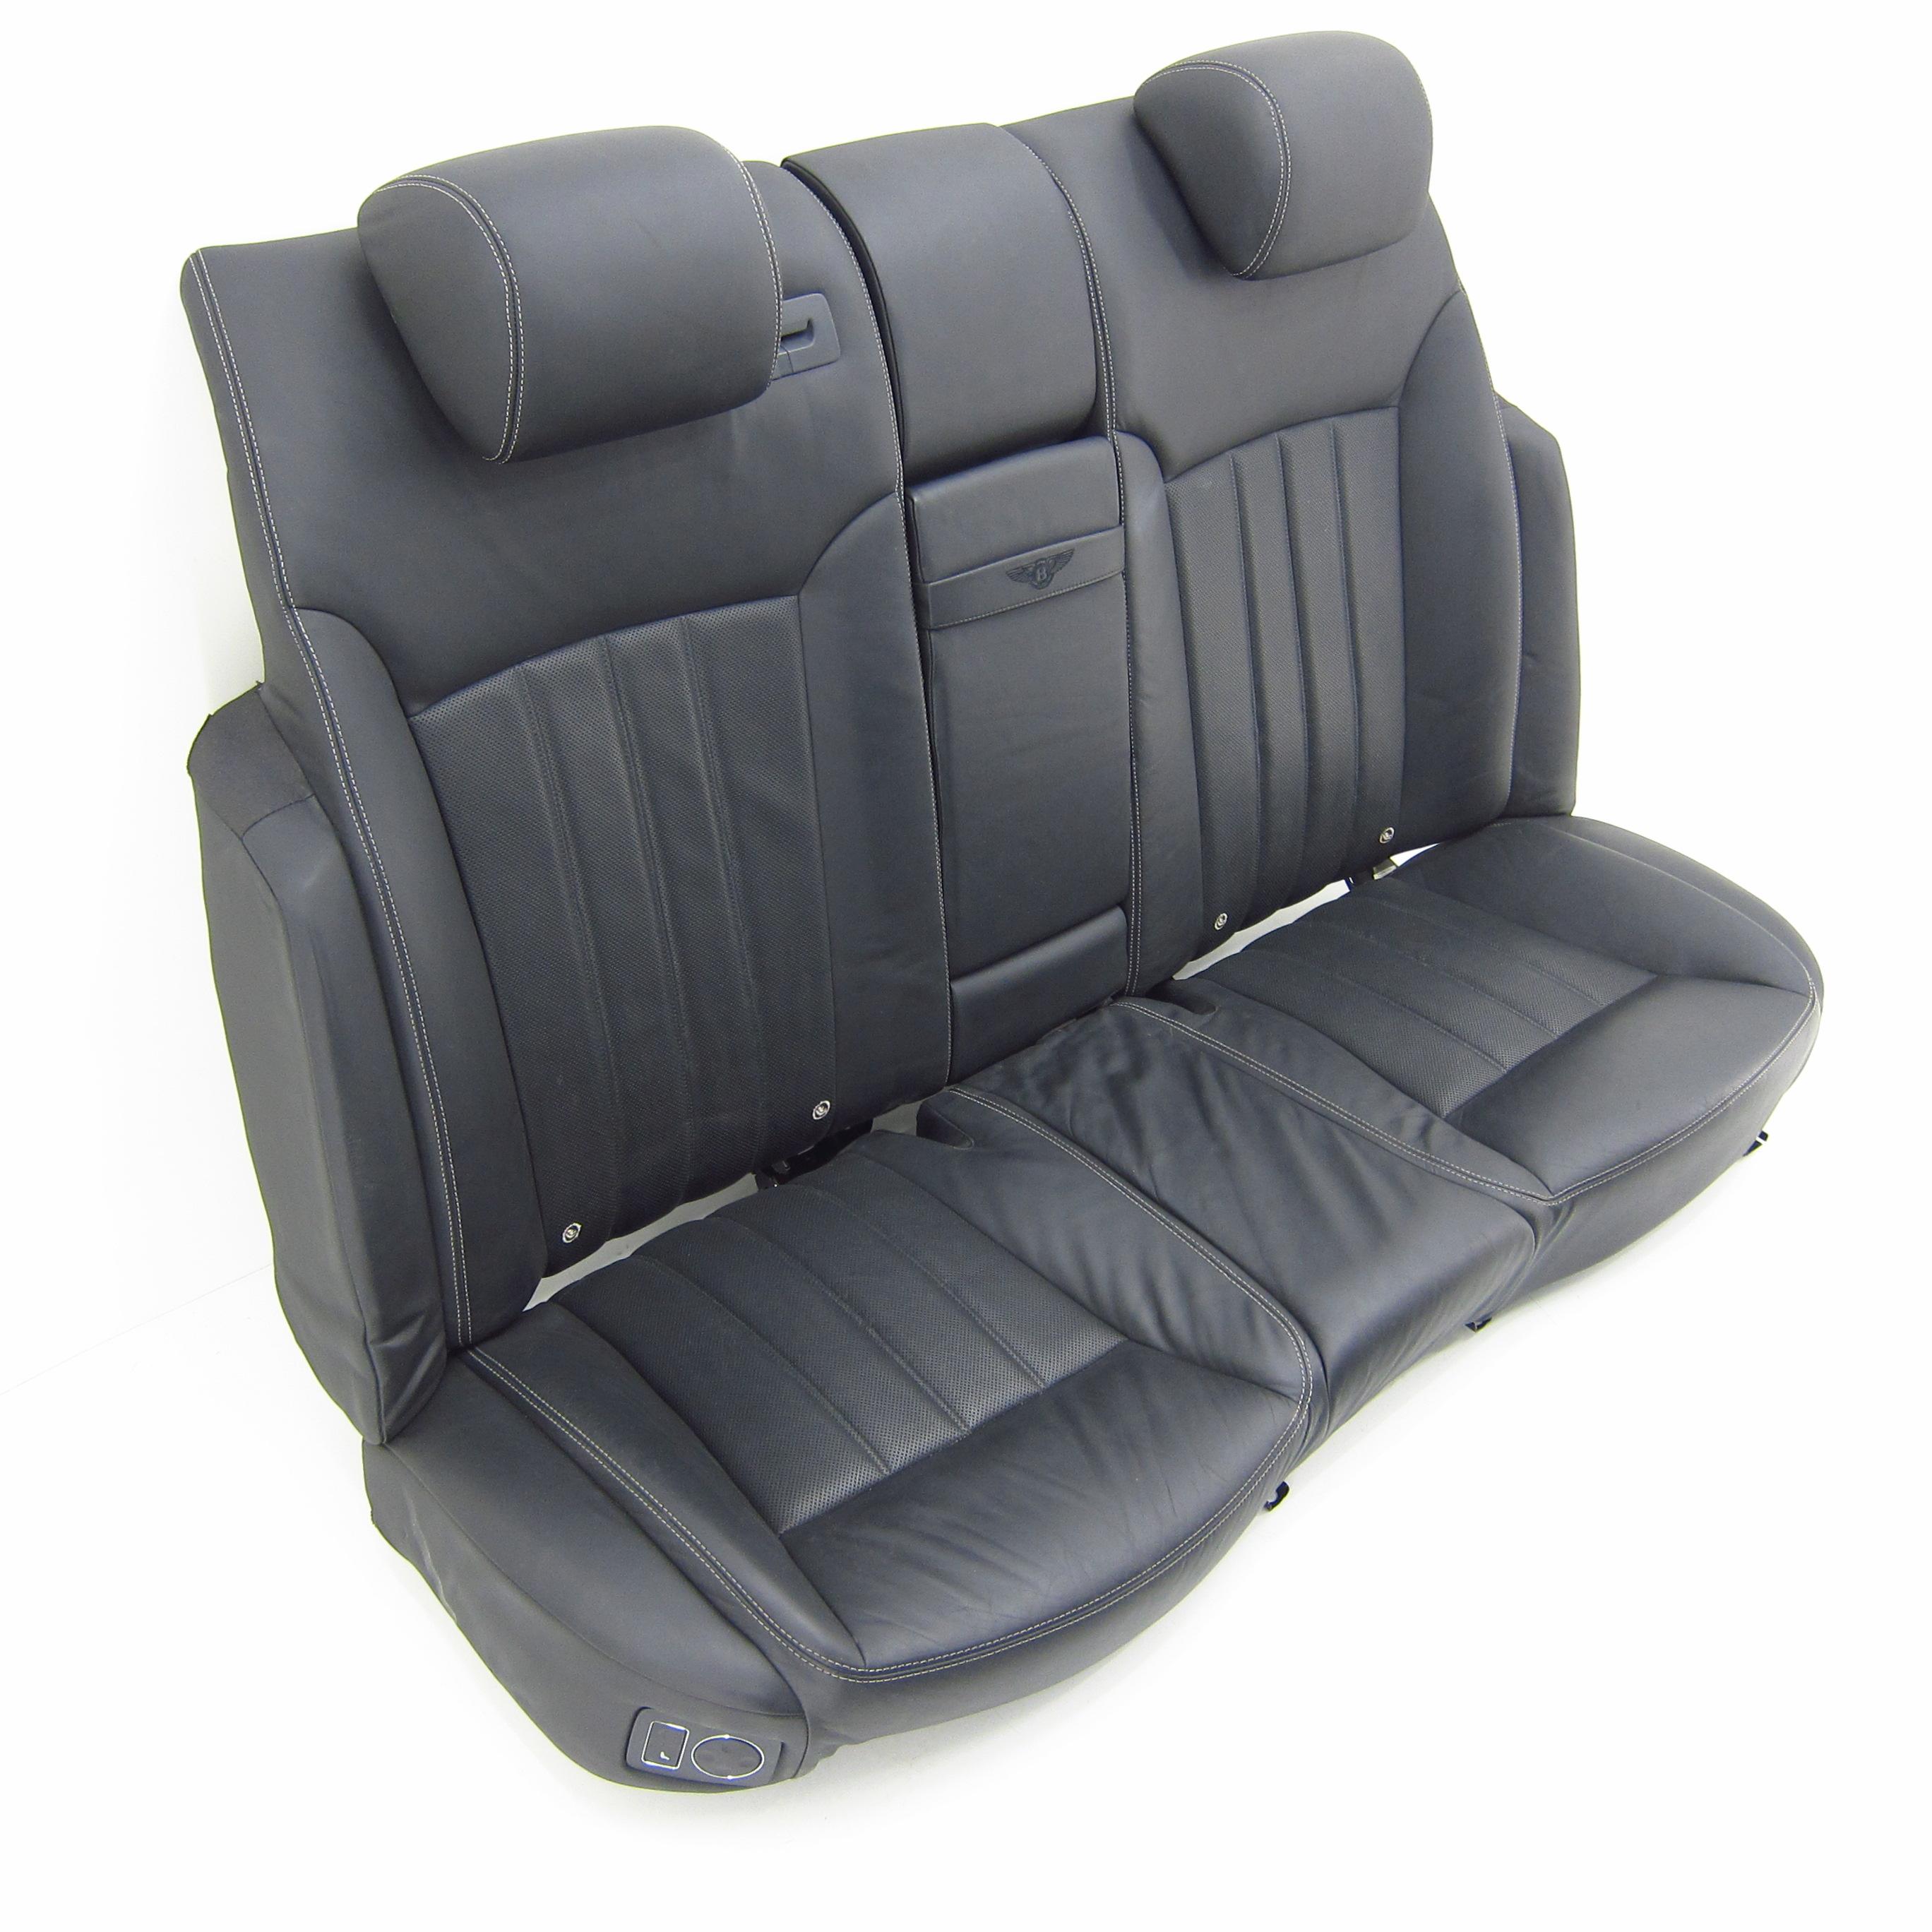 Modellbeschreibung Zum Bentley Continental Flying Spur: Sitzbank Bentley CONTINENTAL FLYING SPUR Rückbank